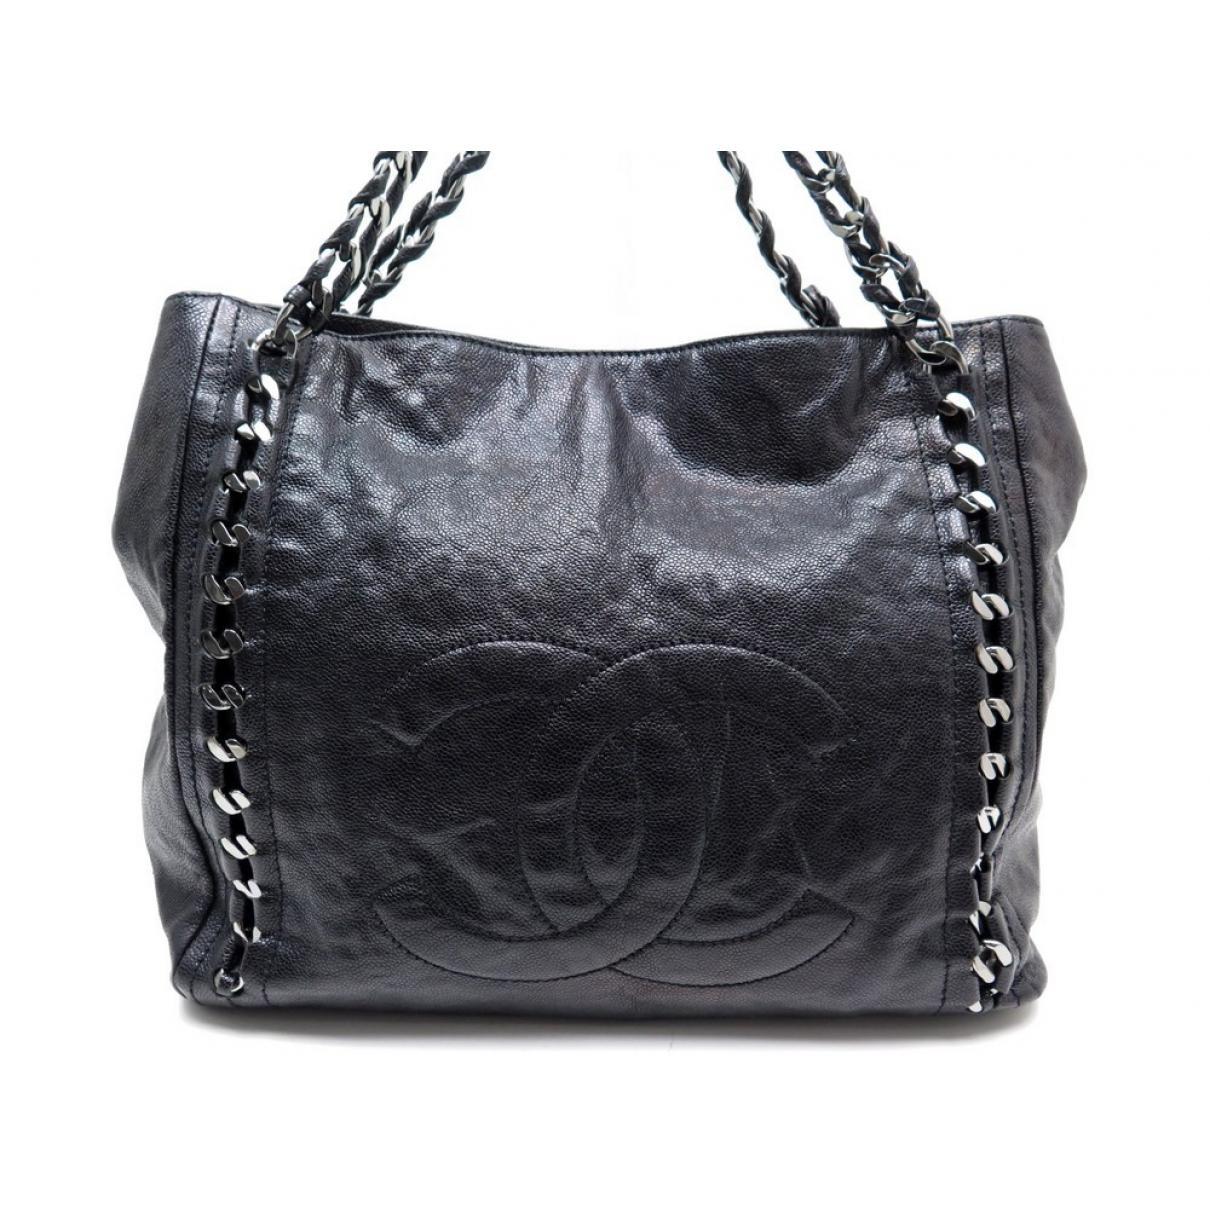 b18f88546d94 Lyst - Sac à main en cuir Chanel en coloris Noir